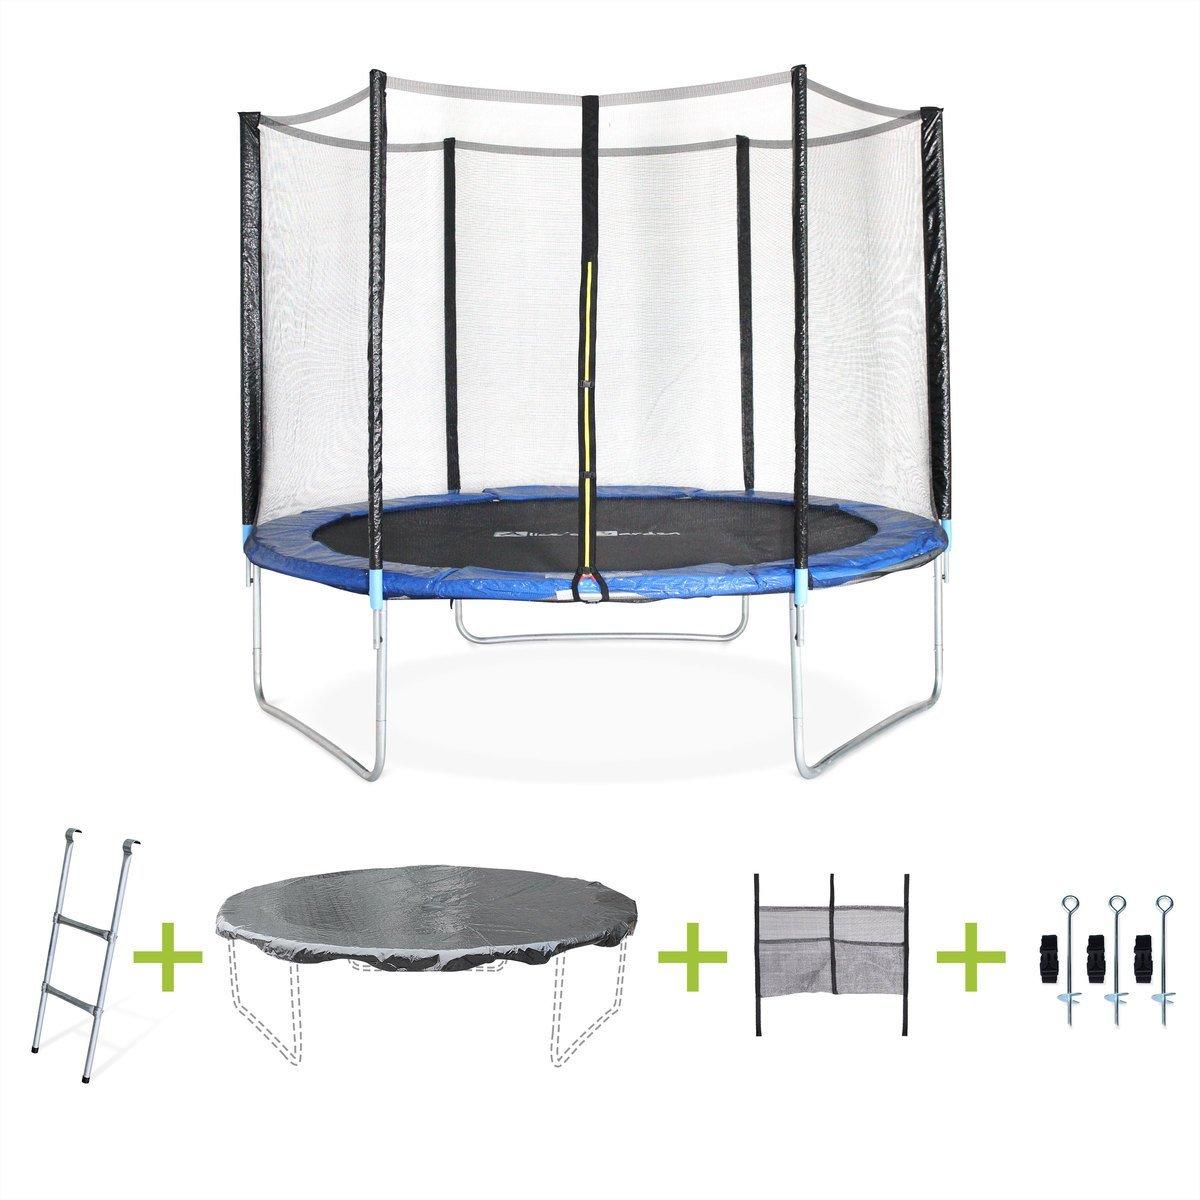 guide d achat d un trampoline pas cher meilleur trampoline. Black Bedroom Furniture Sets. Home Design Ideas